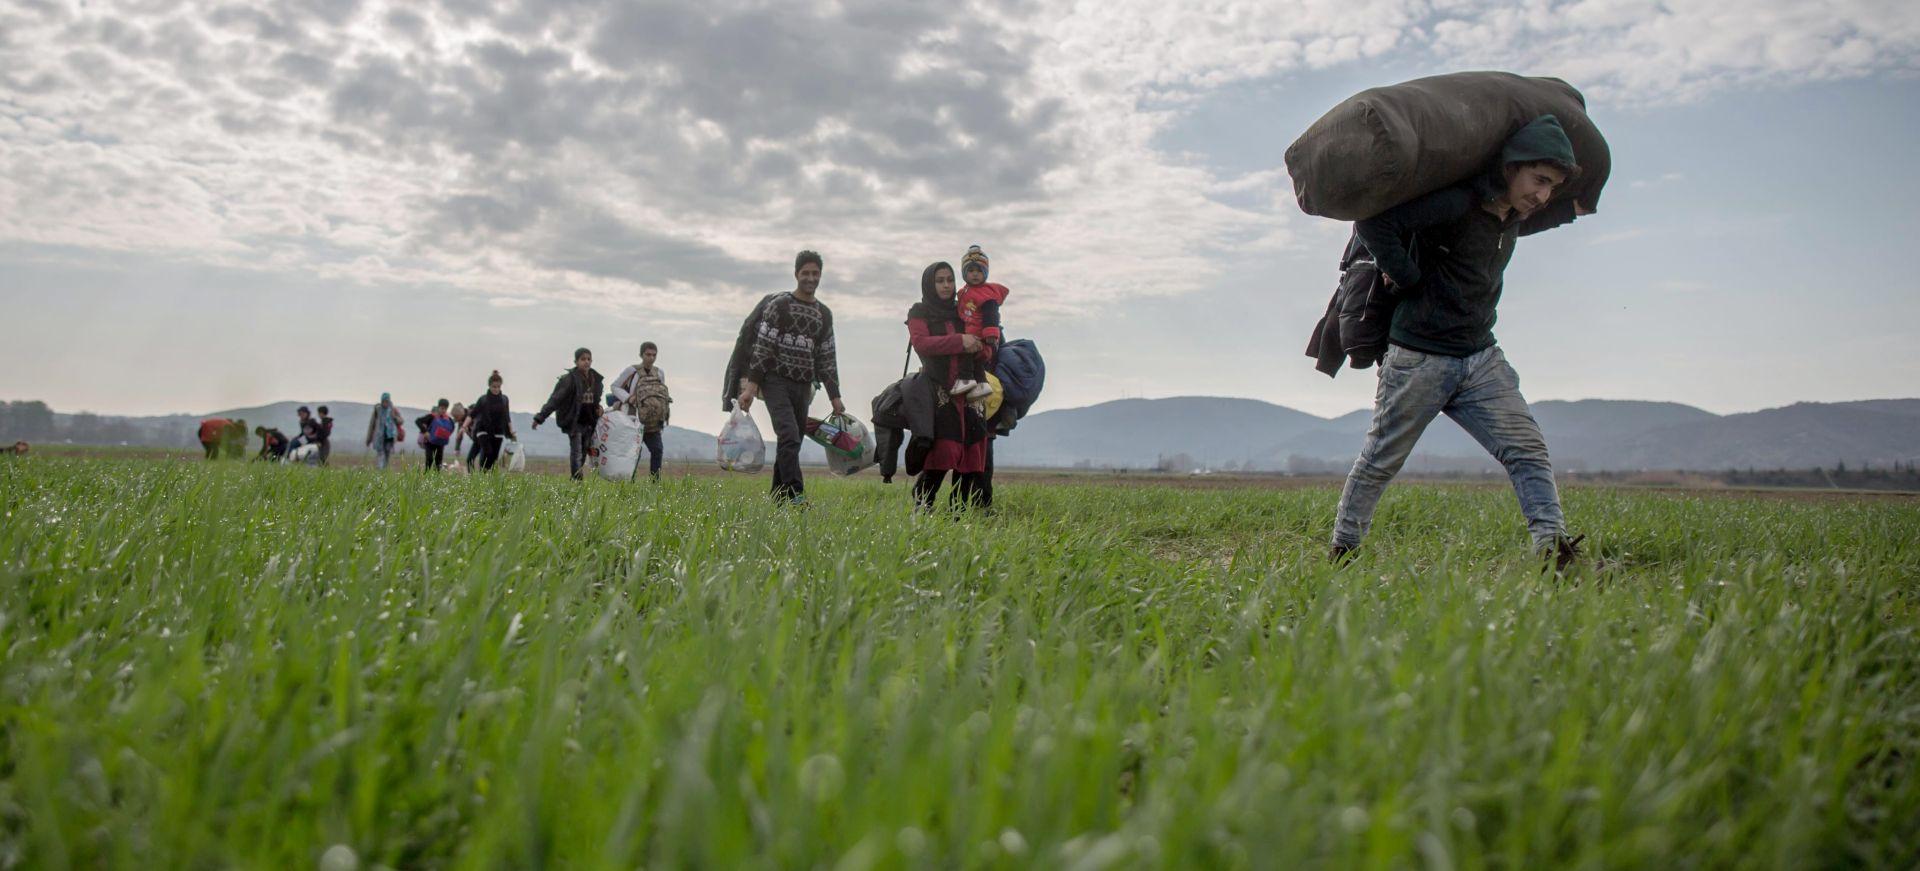 MINISTRI Italija i Albanija nastoje spriječiti novu migracijsku rutu